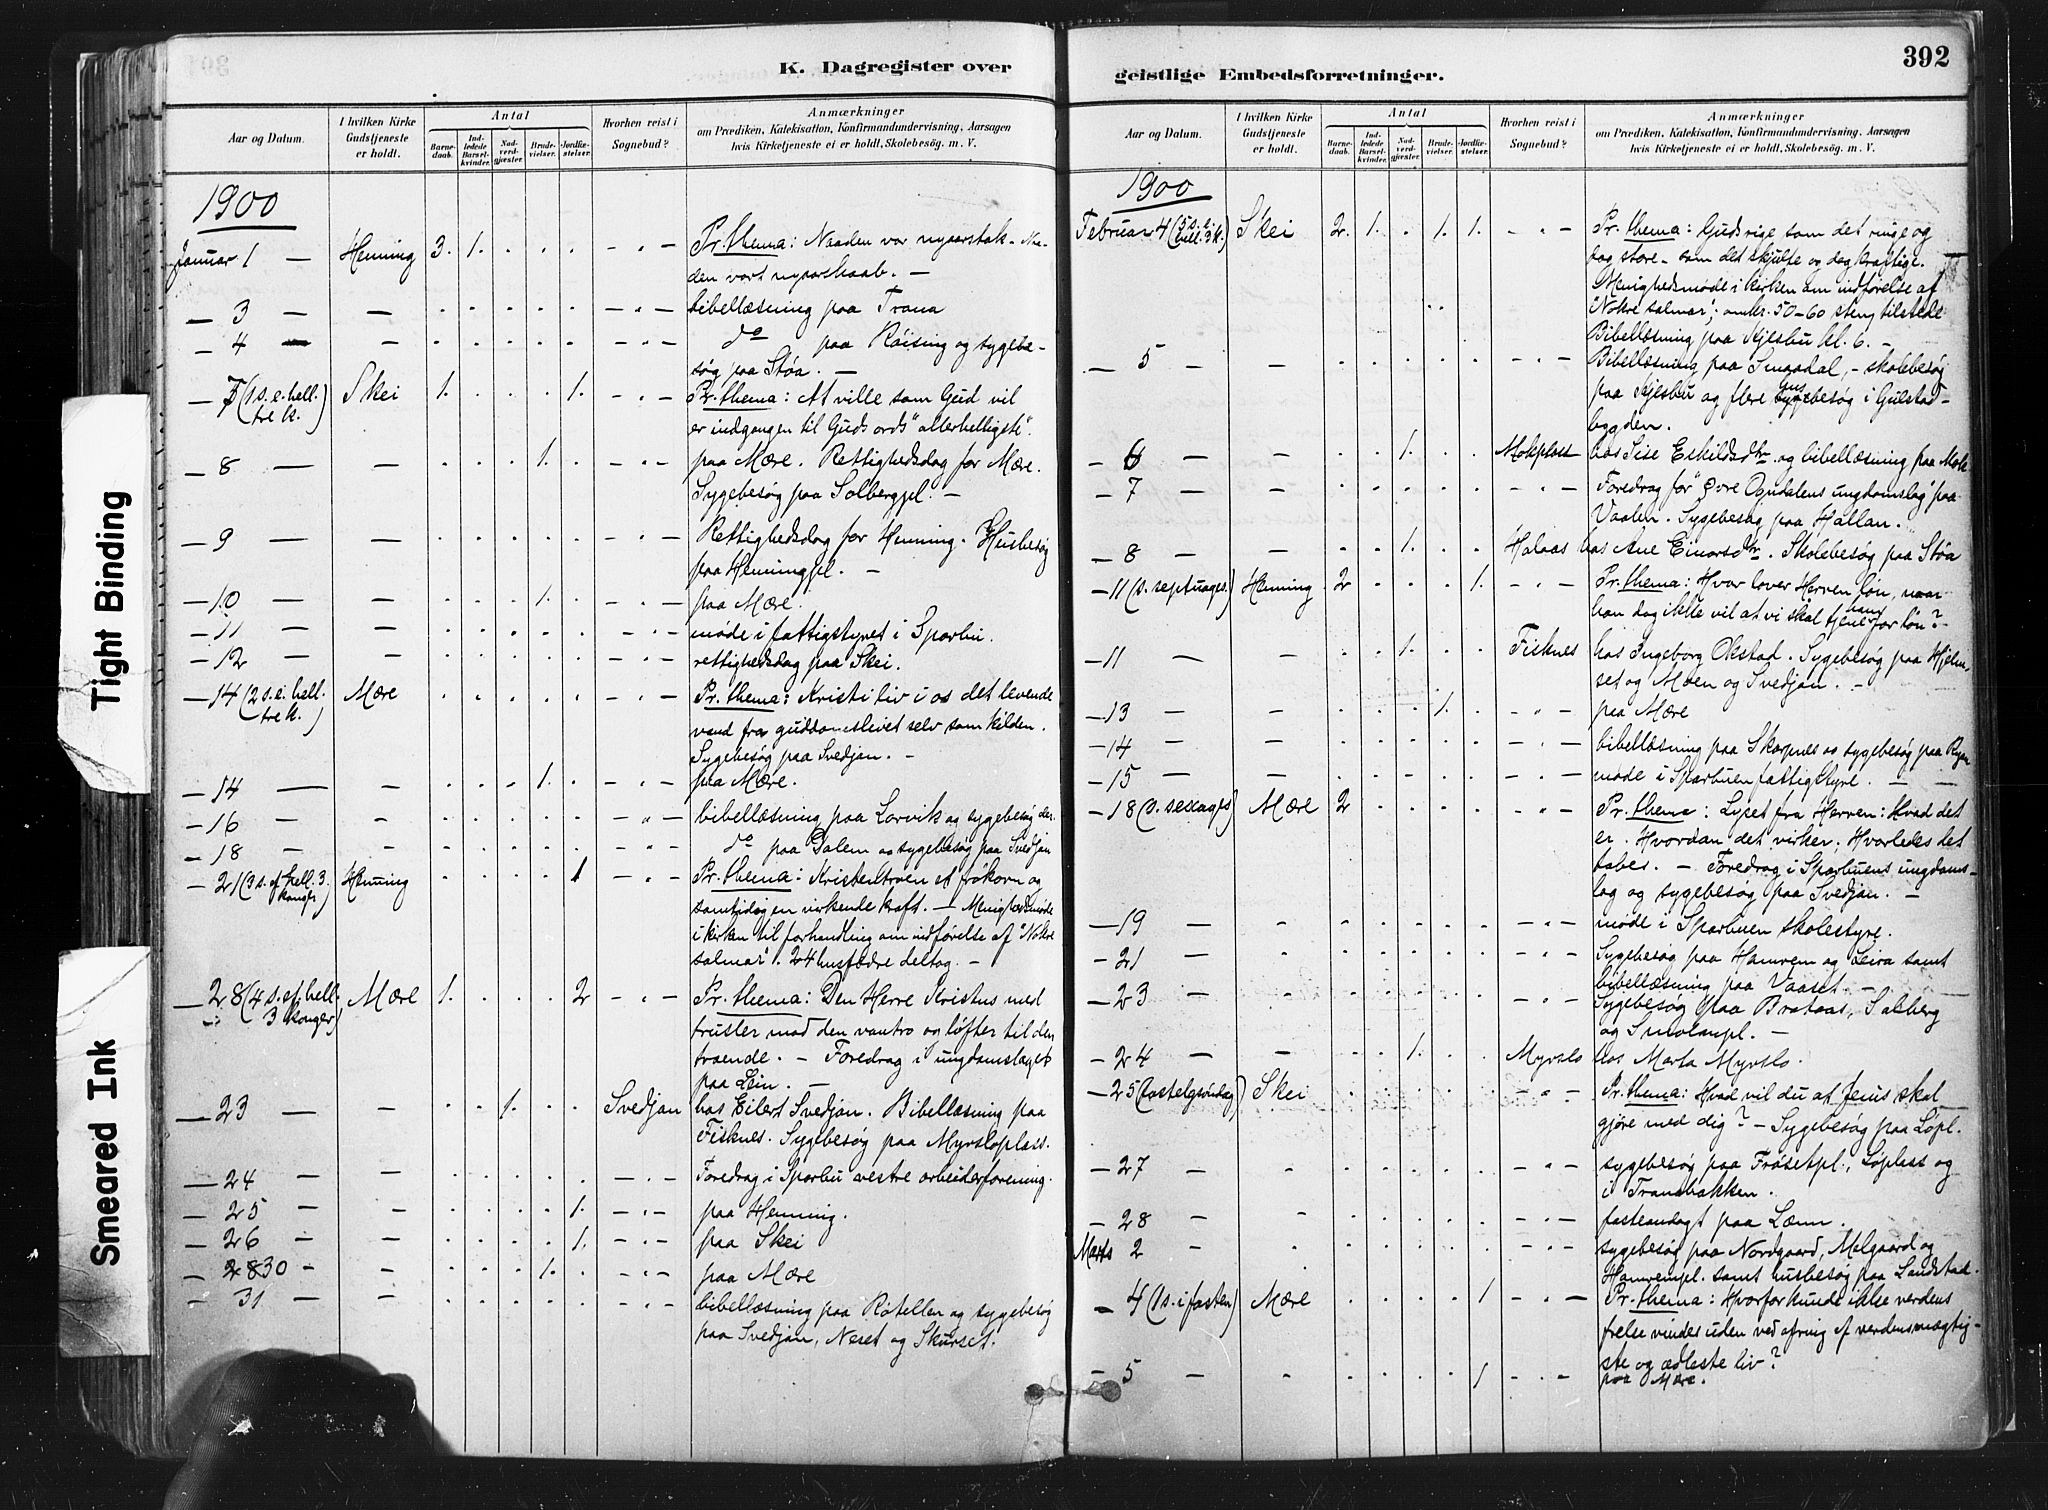 SAT, Ministerialprotokoller, klokkerbøker og fødselsregistre - Nord-Trøndelag, 735/L0351: Ministerialbok nr. 735A10, 1884-1908, s. 392